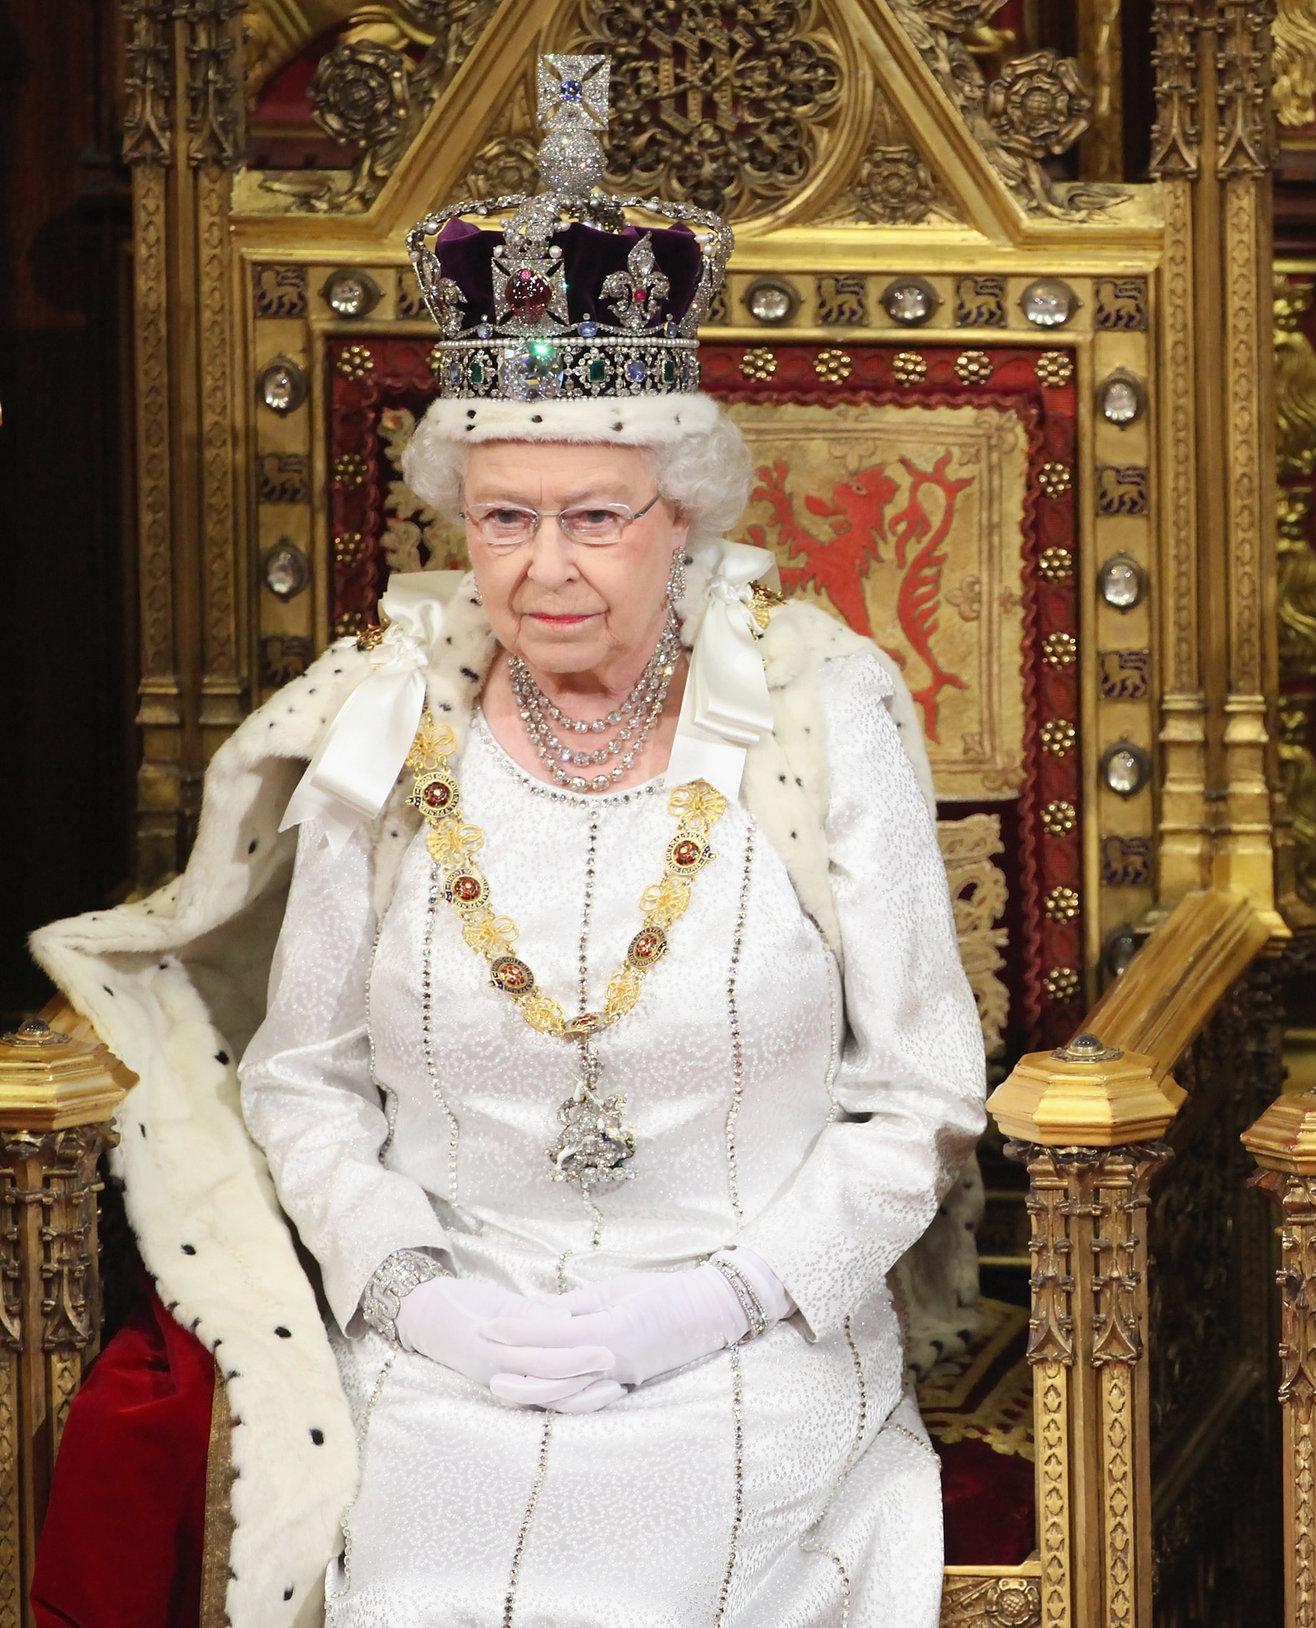 Die Krone wurde 1937 extra für die Körnung ihres Vaters angefertigt. Foto: Getty Images